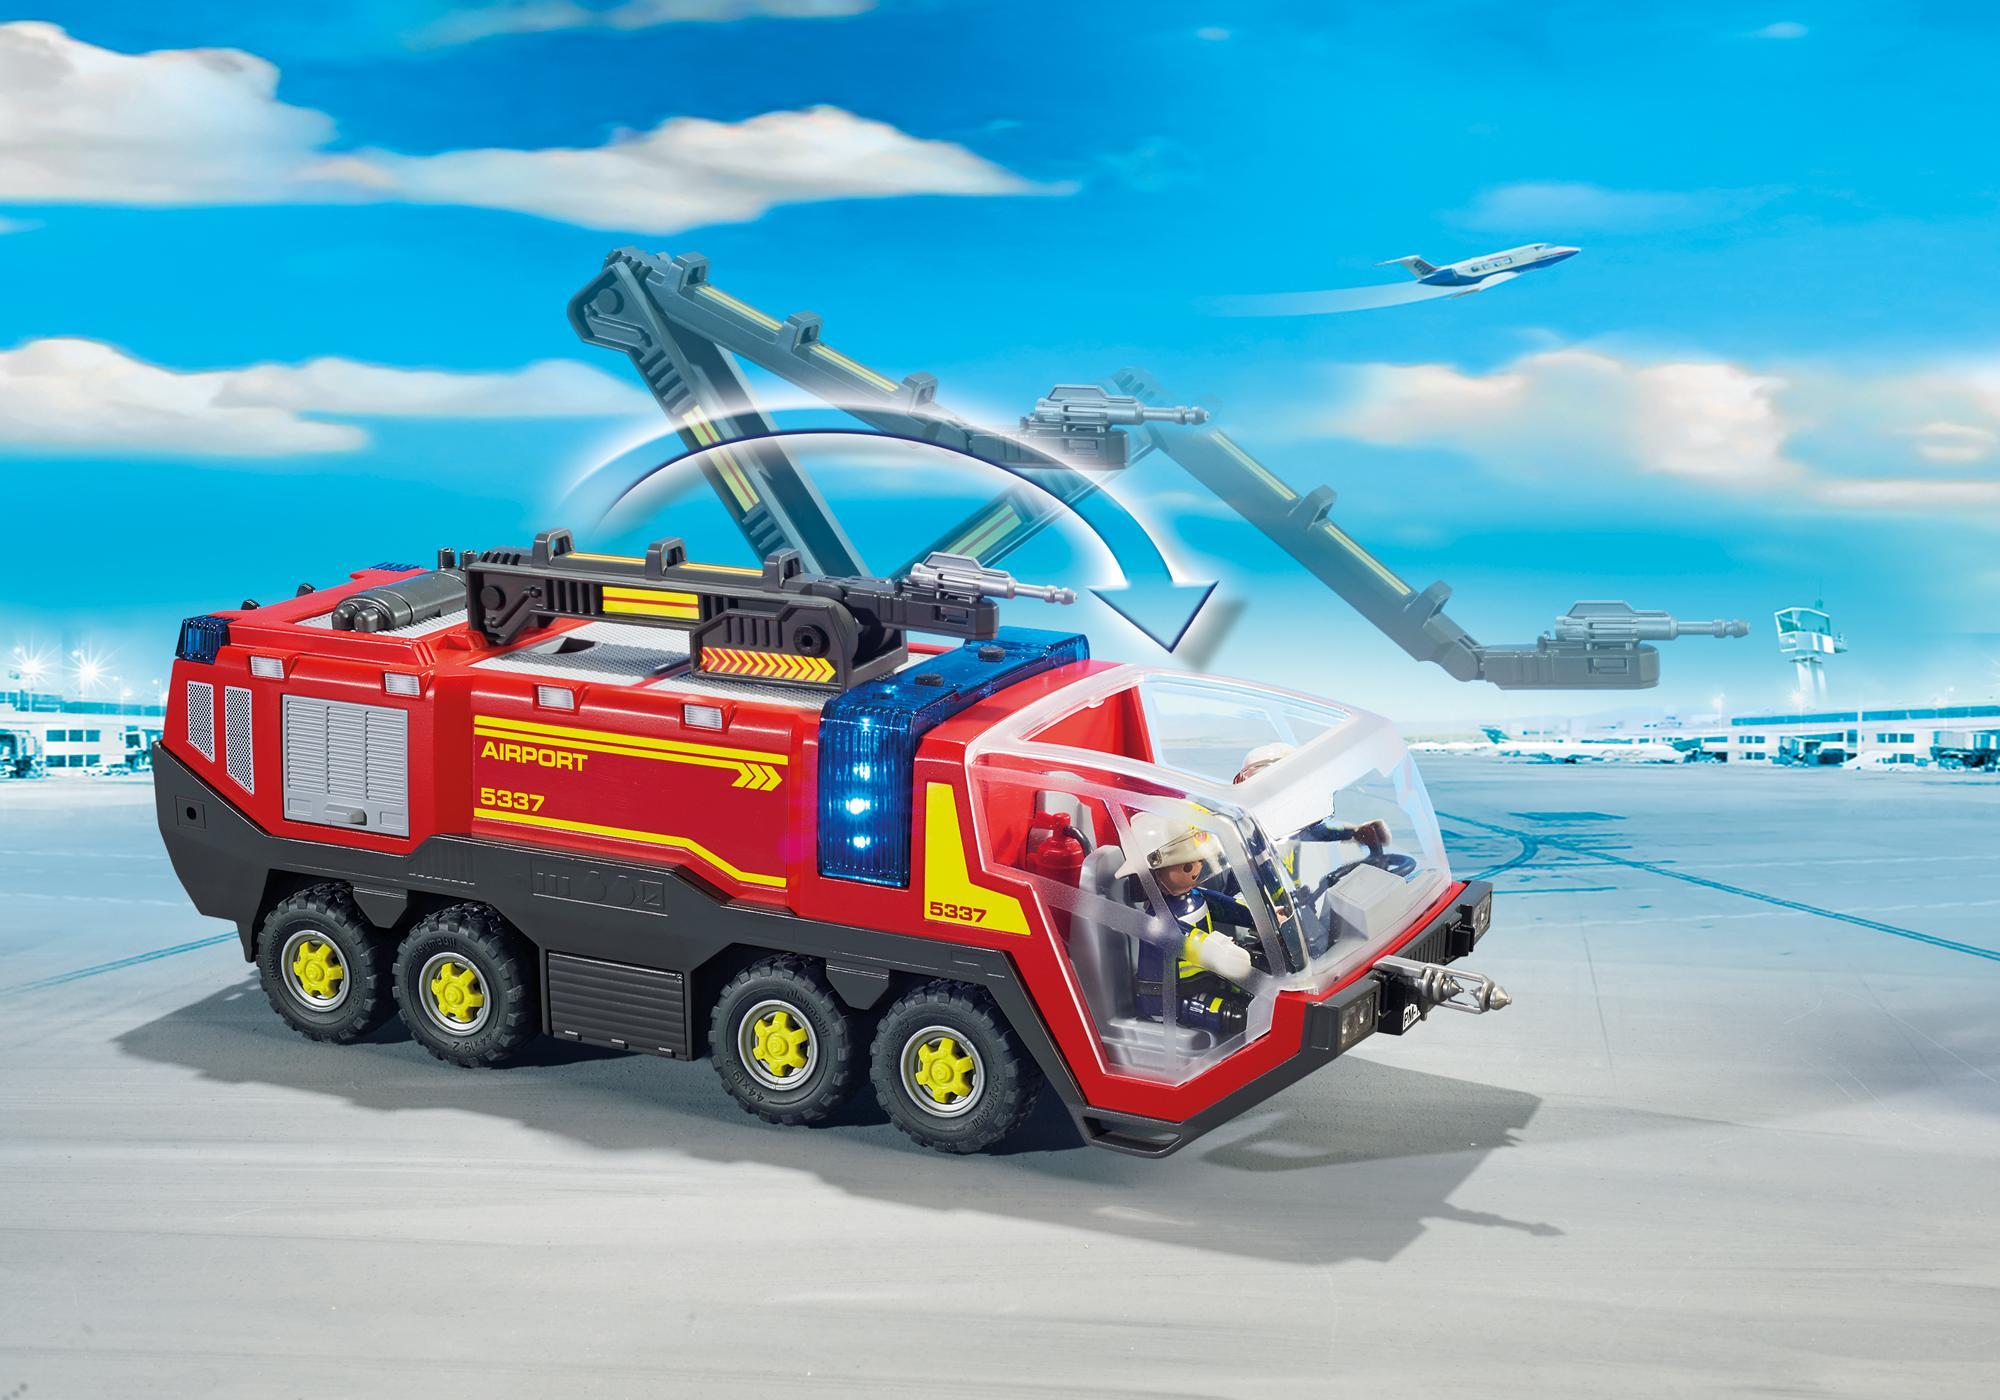 http://media.playmobil.com/i/playmobil/5337_product_extra4/Lufthavnsbrandbil med lys og lyd